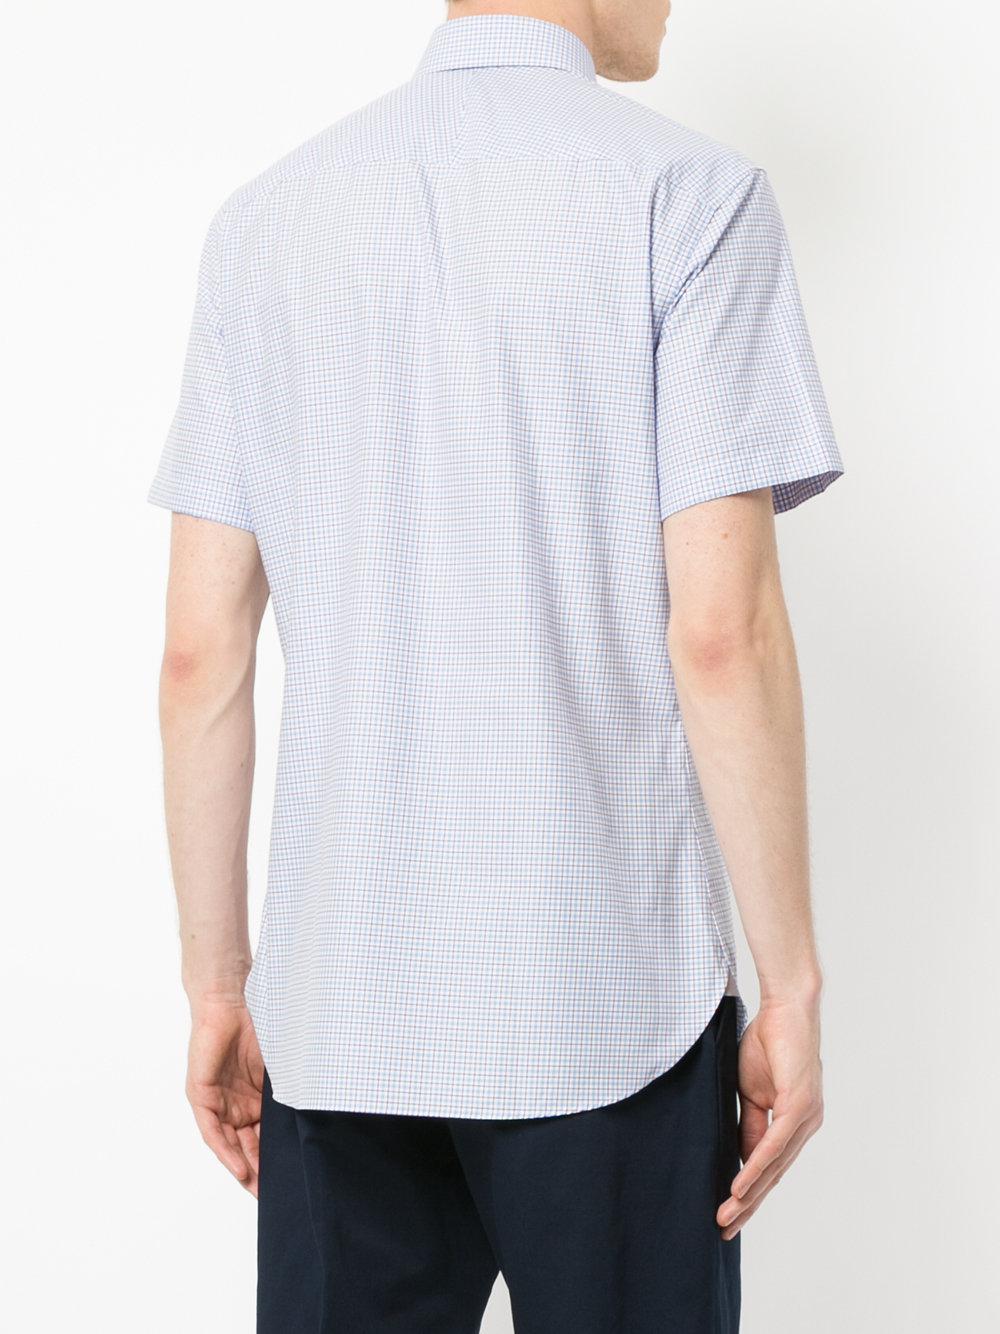 Gieves & Hawkes Katoen Geruit Overhemd Met Korte Mouwen in het Blauw voor heren